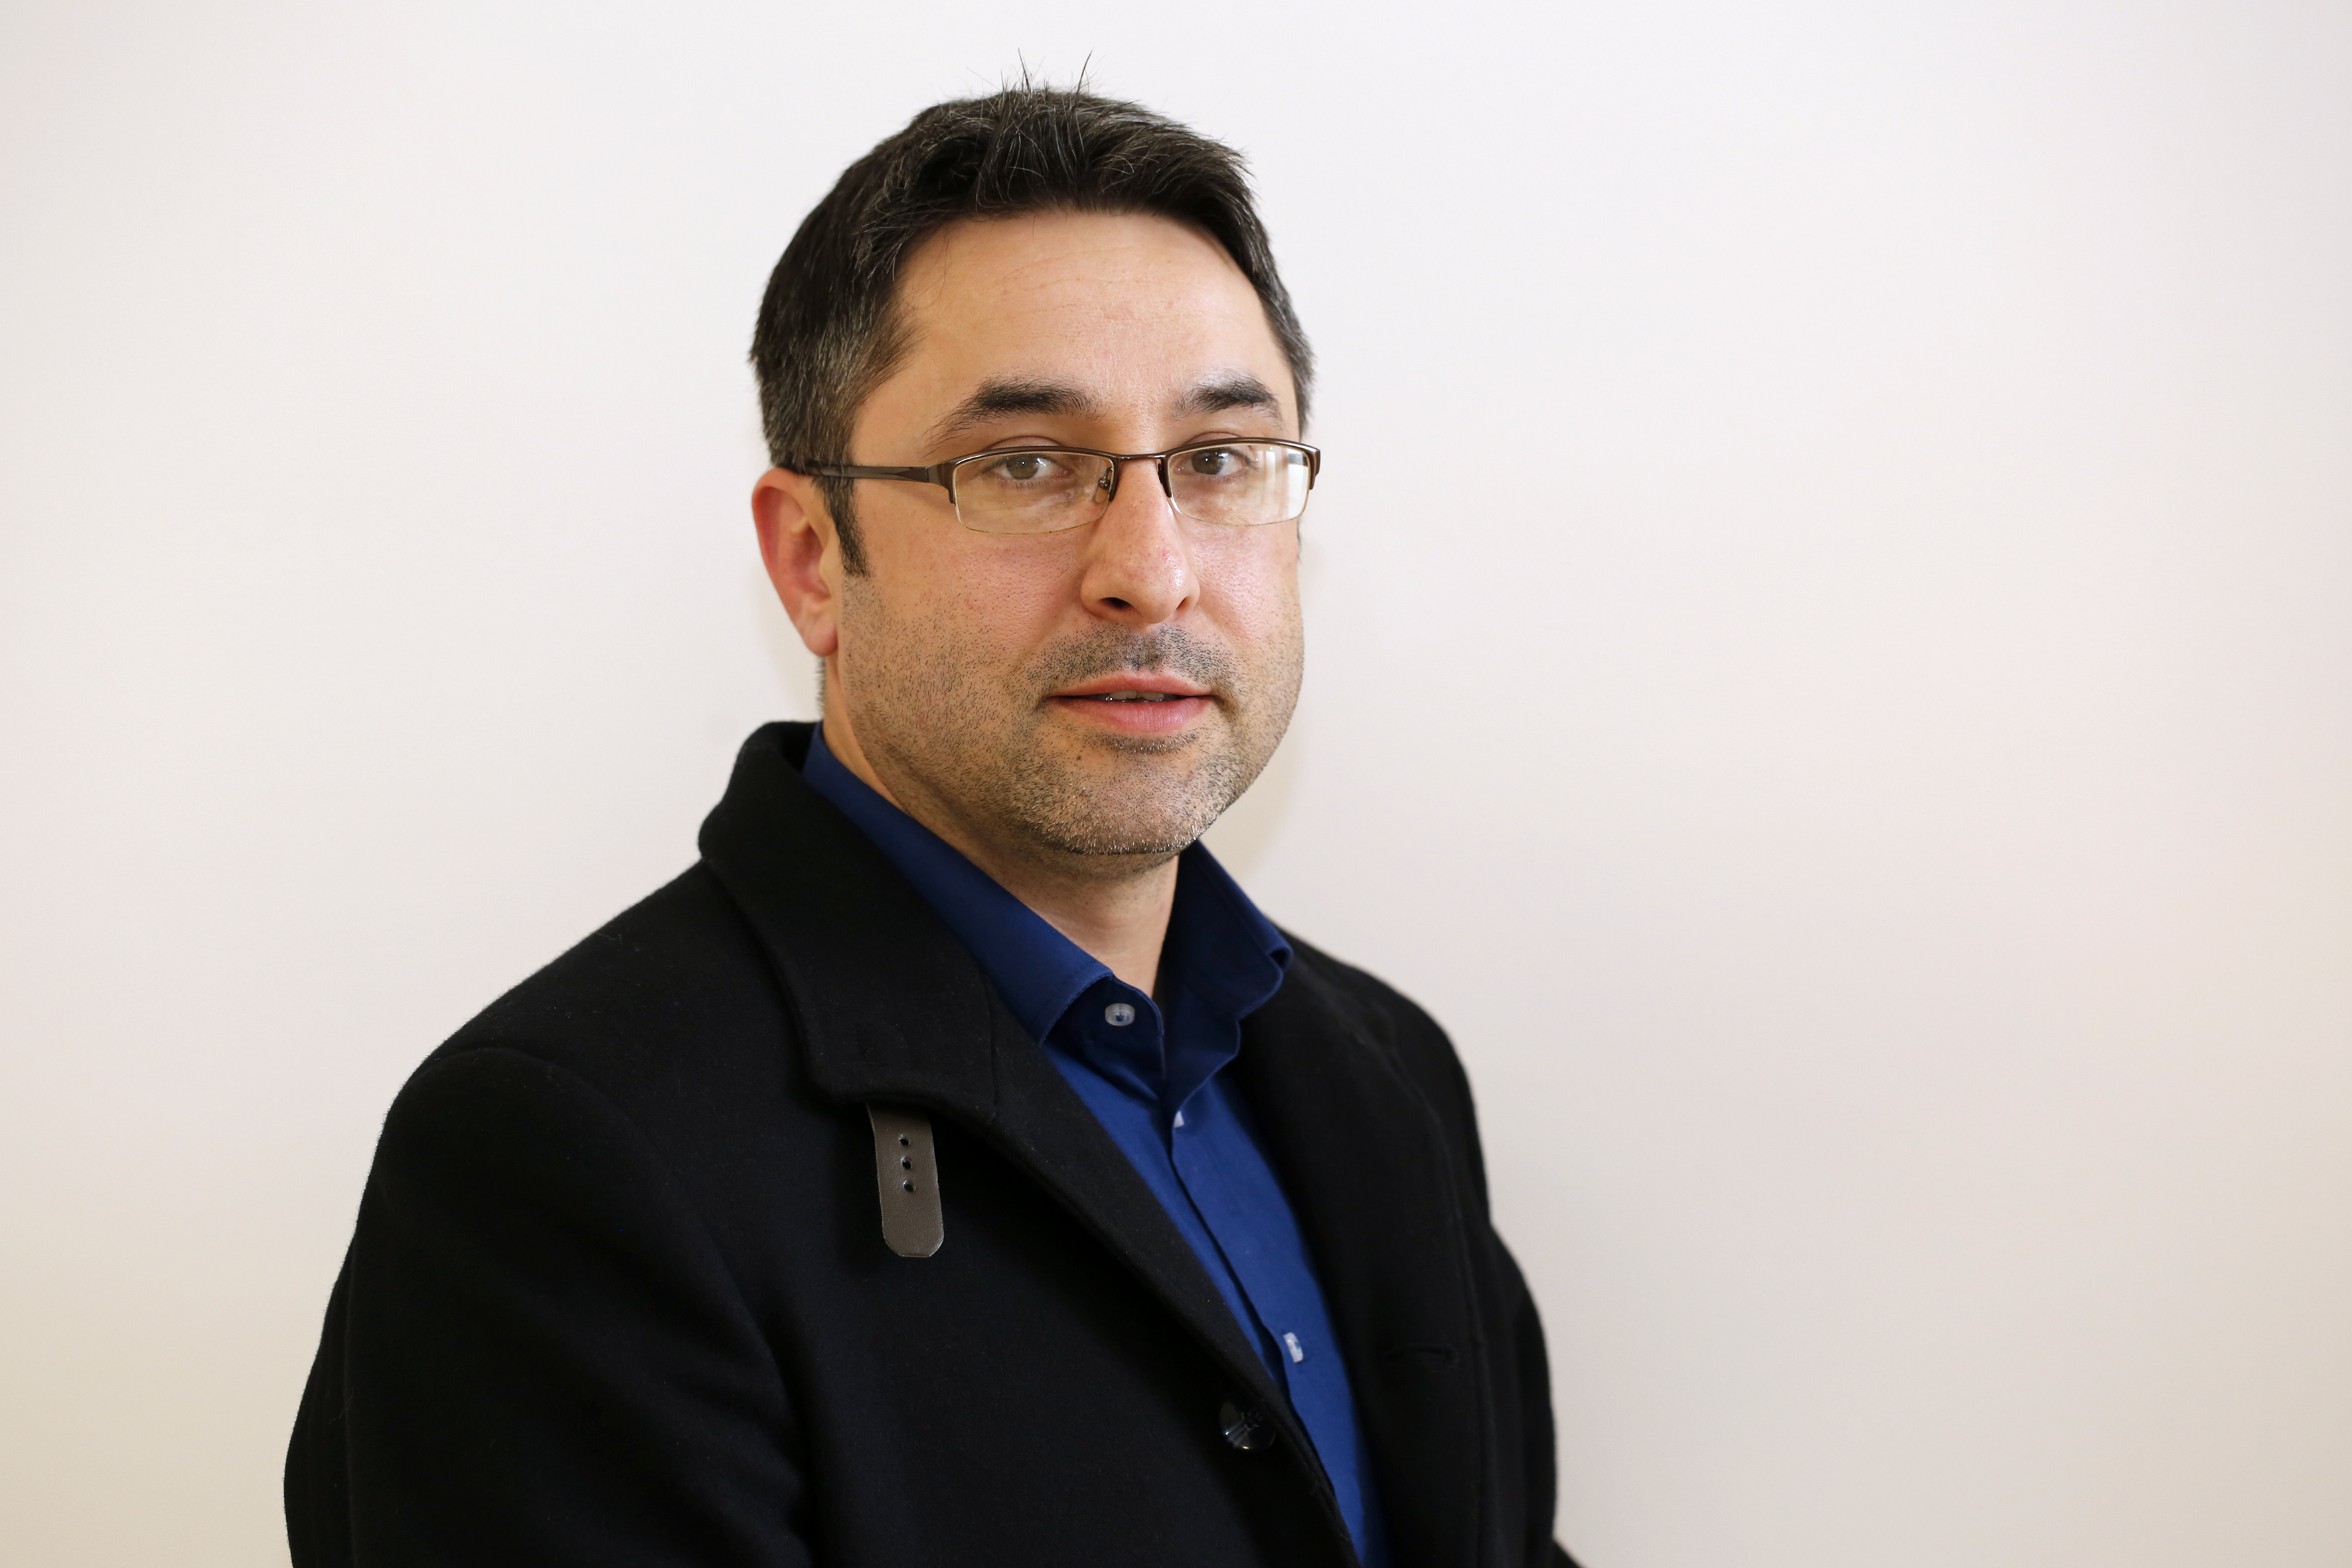 prof. dr. sc. Danijel Pravdić